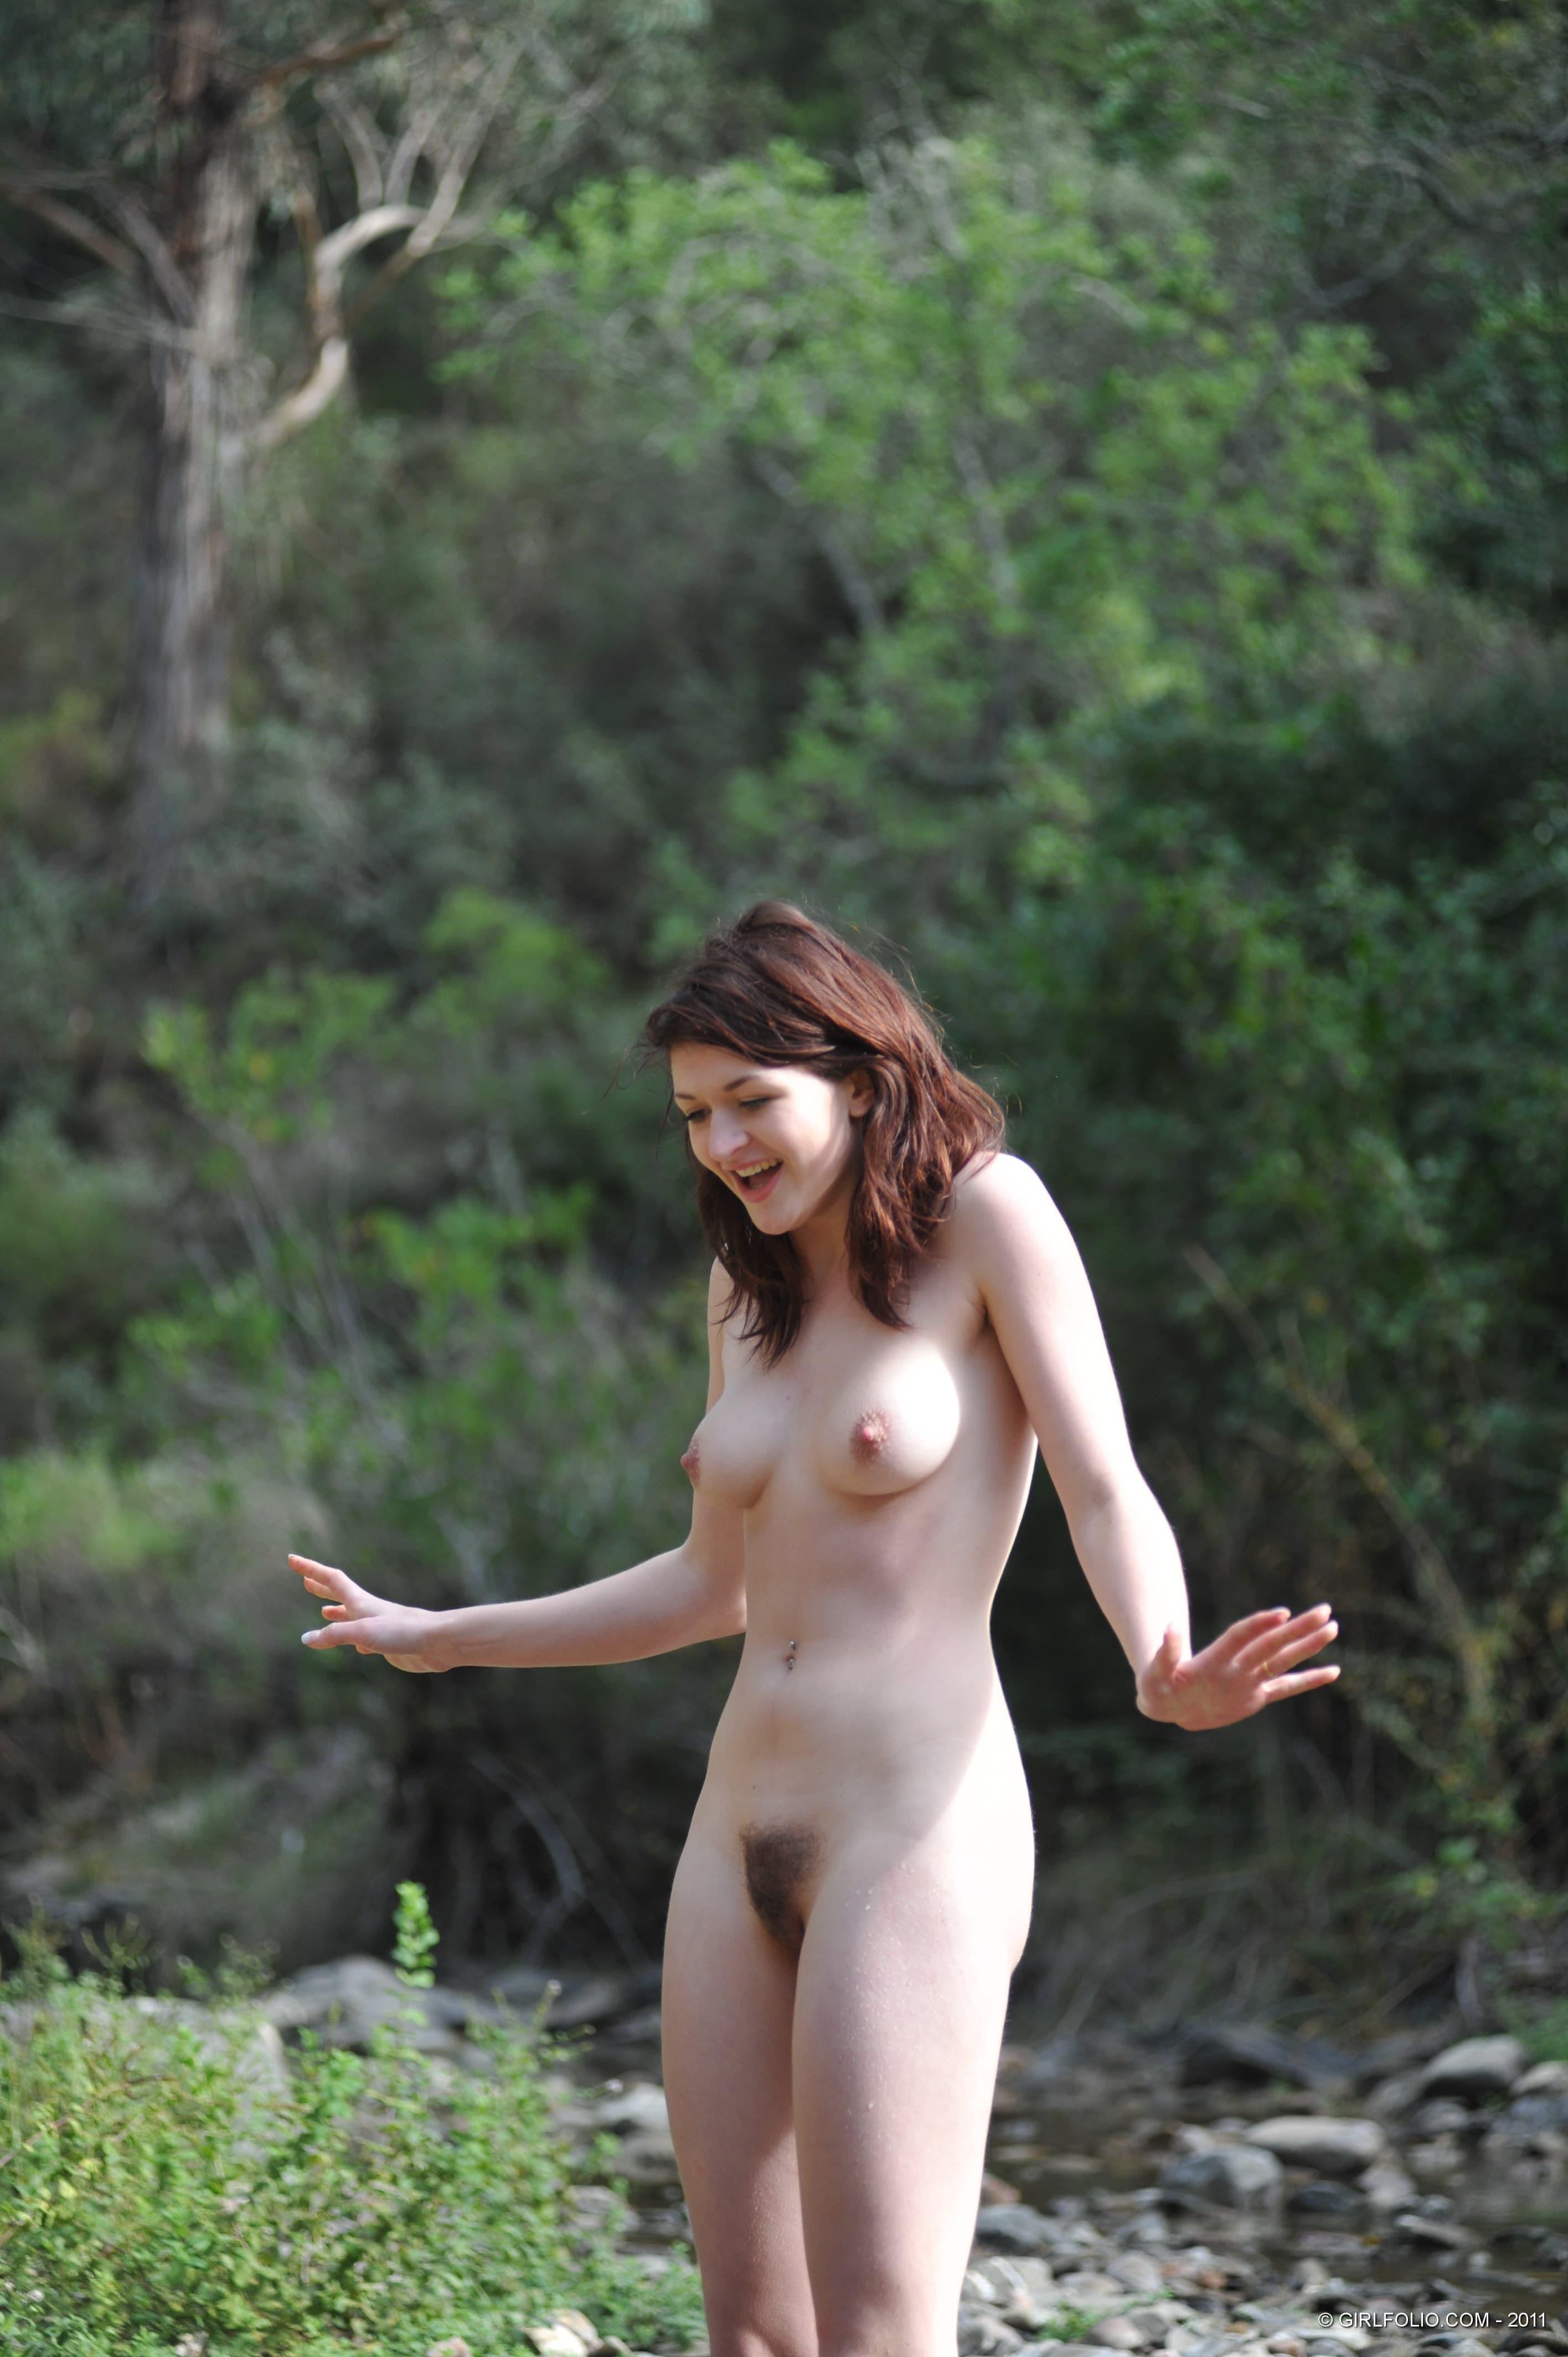 Голая девушка в резиновых сапогах - фото